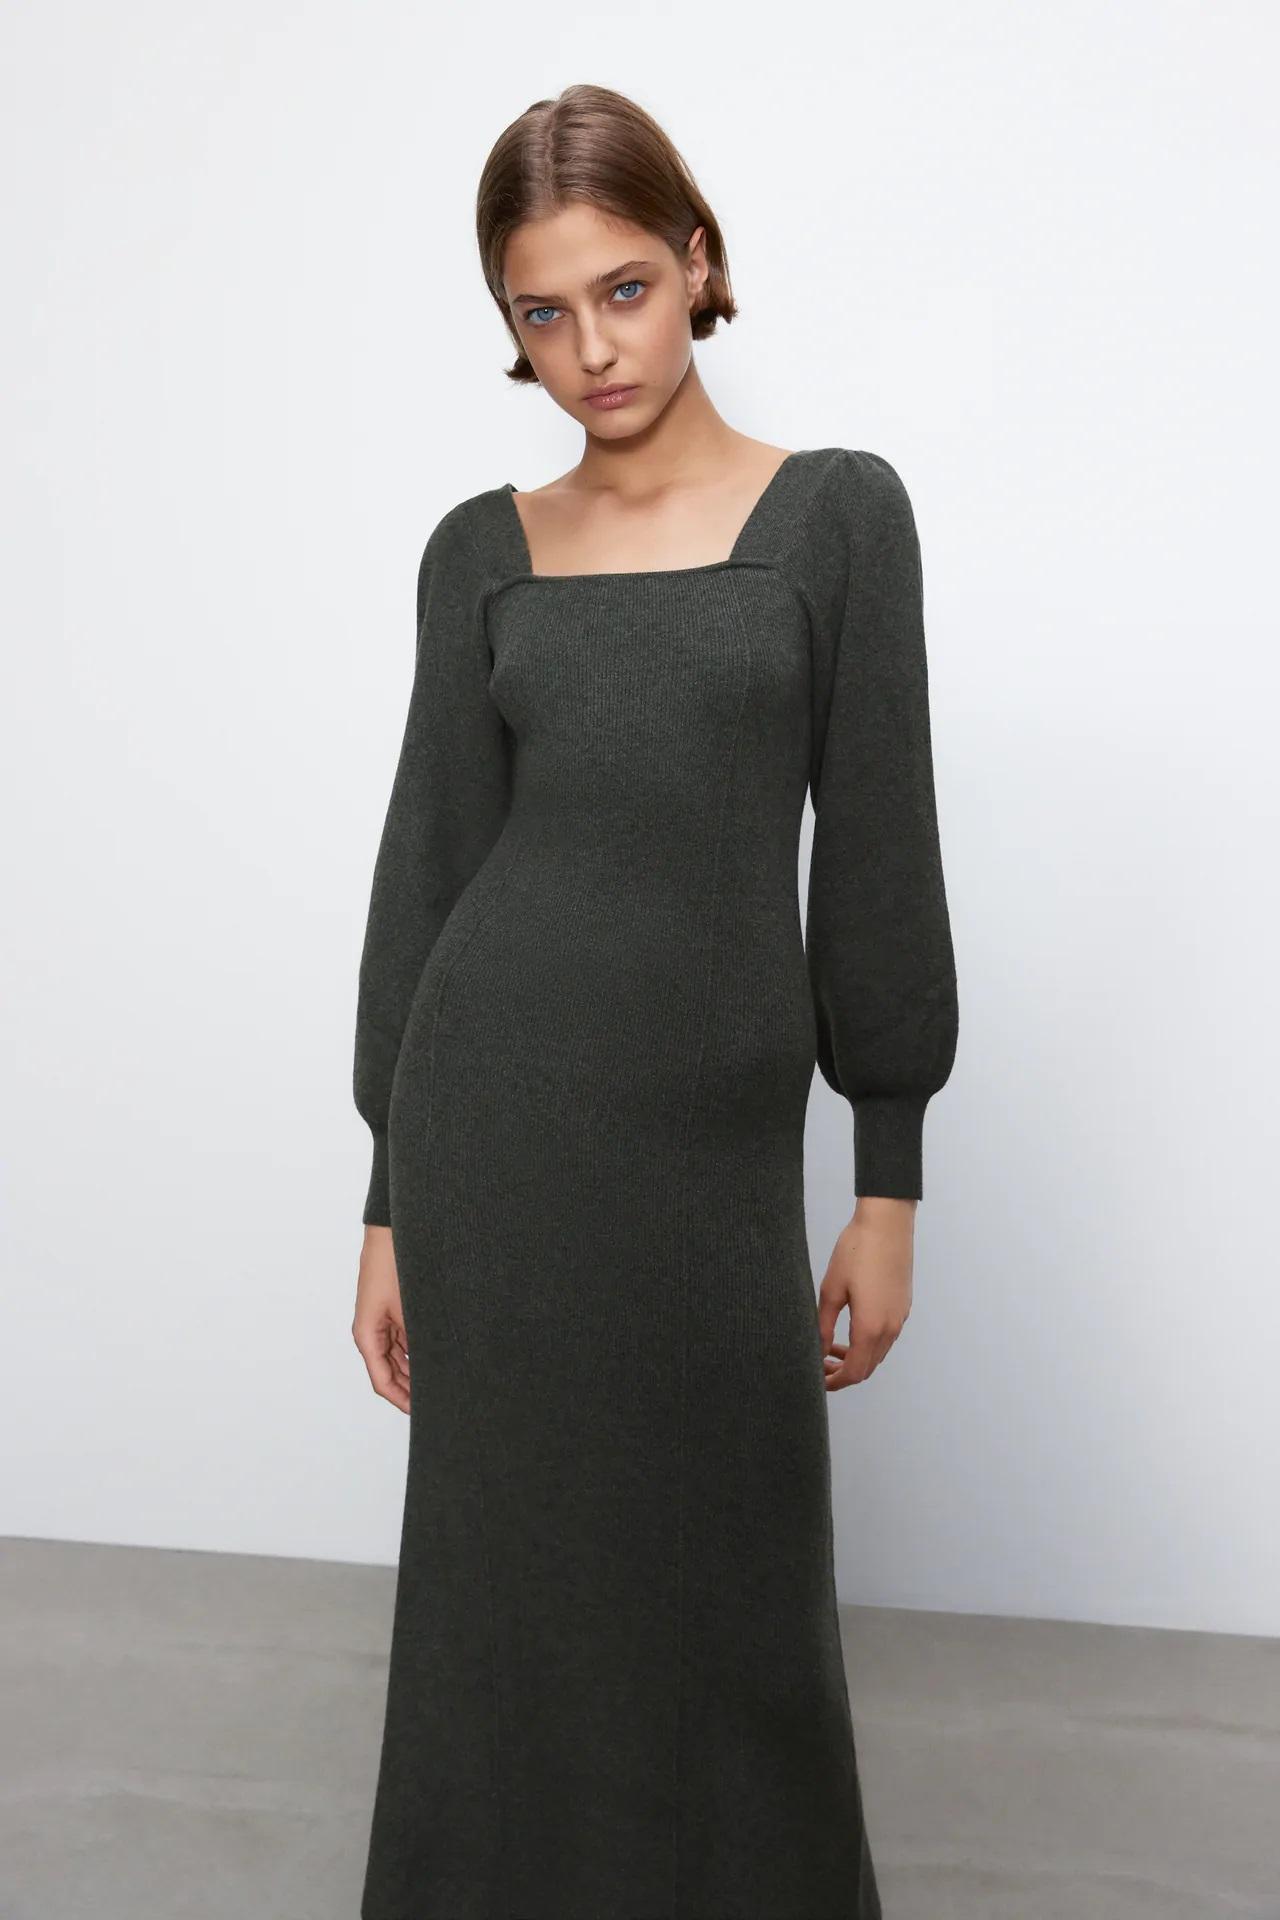 Este es el vestido de punto que queda mejor a Sara Carbonero que a la modelo de Zara